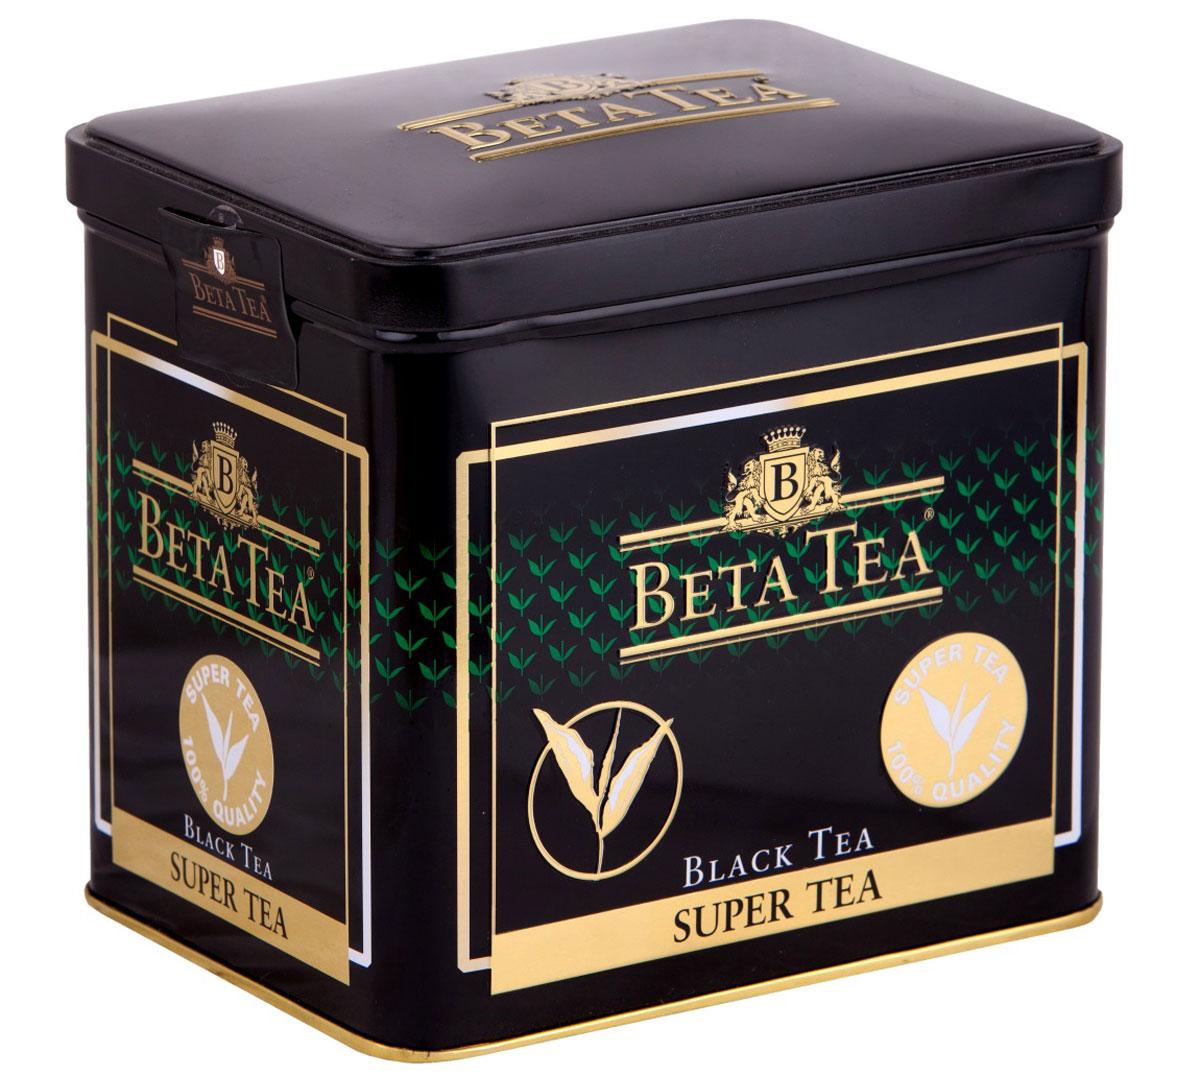 Beta Tea Super Tea черный листовой чай с бергамотом, 250 г0120710Мелколистовой чай Beta Tea Super Tea с лучших плантаций Цейлона подарит вам блаженство и умиротворение. Насладитесь крепостью и ароматом этого изящного сорта чая.